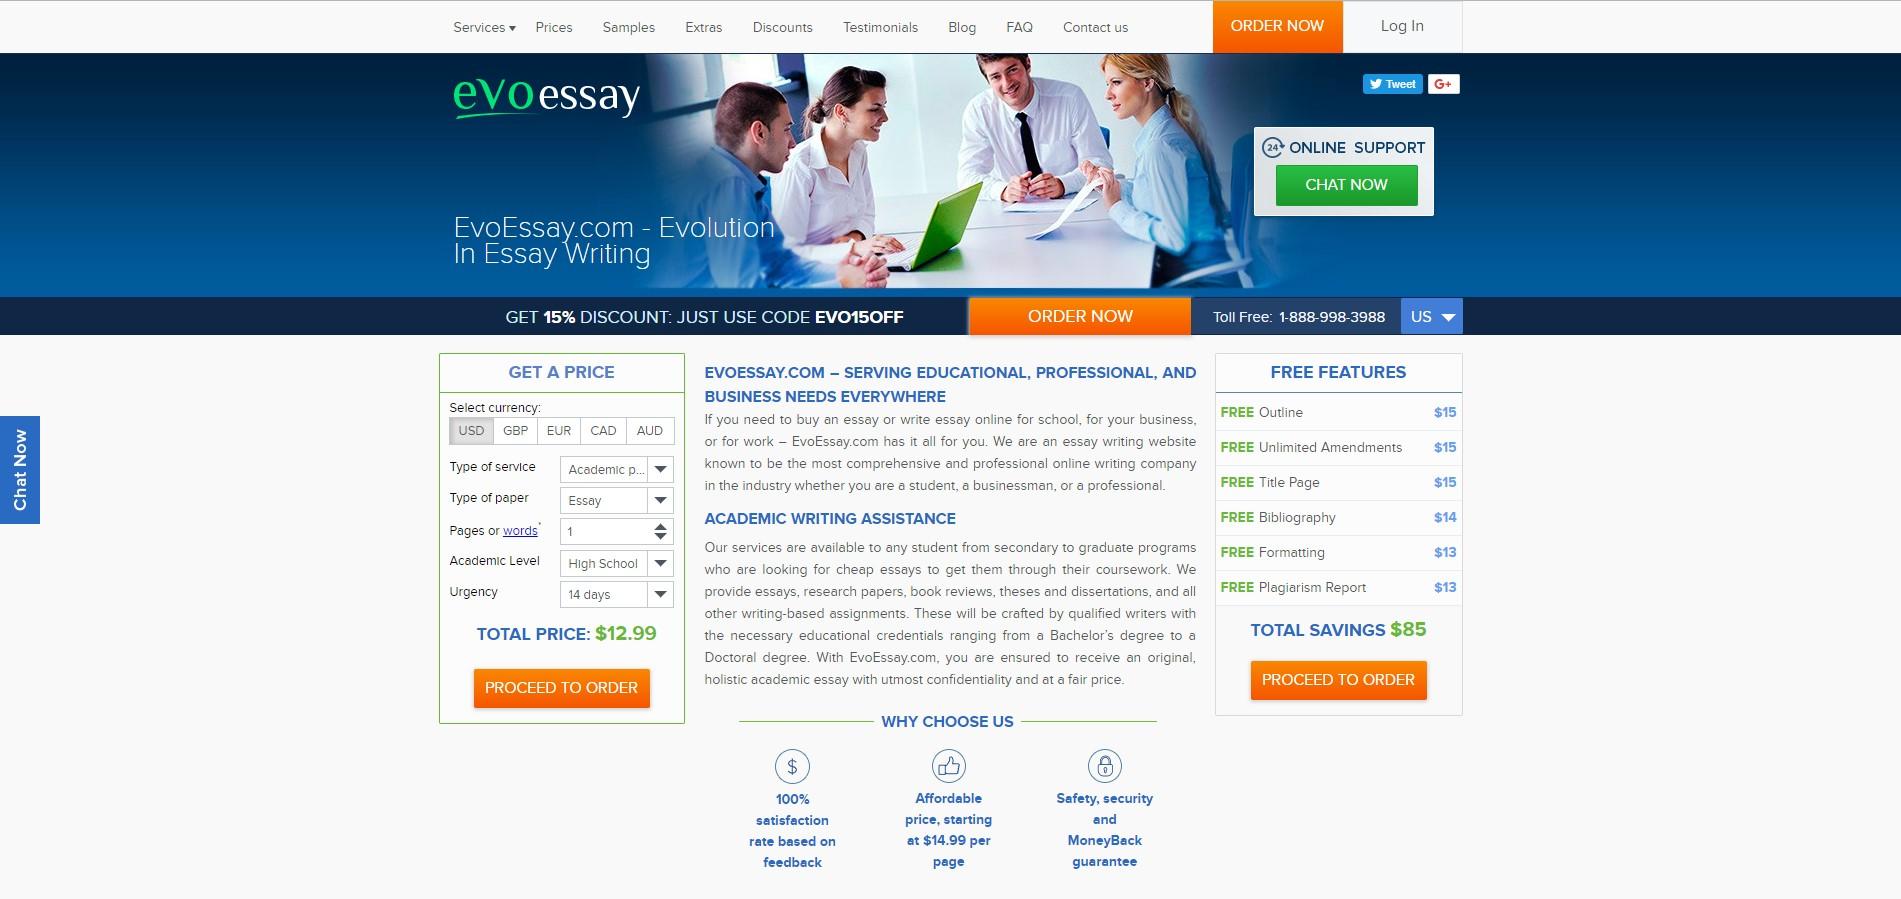 Evoessay.com - review